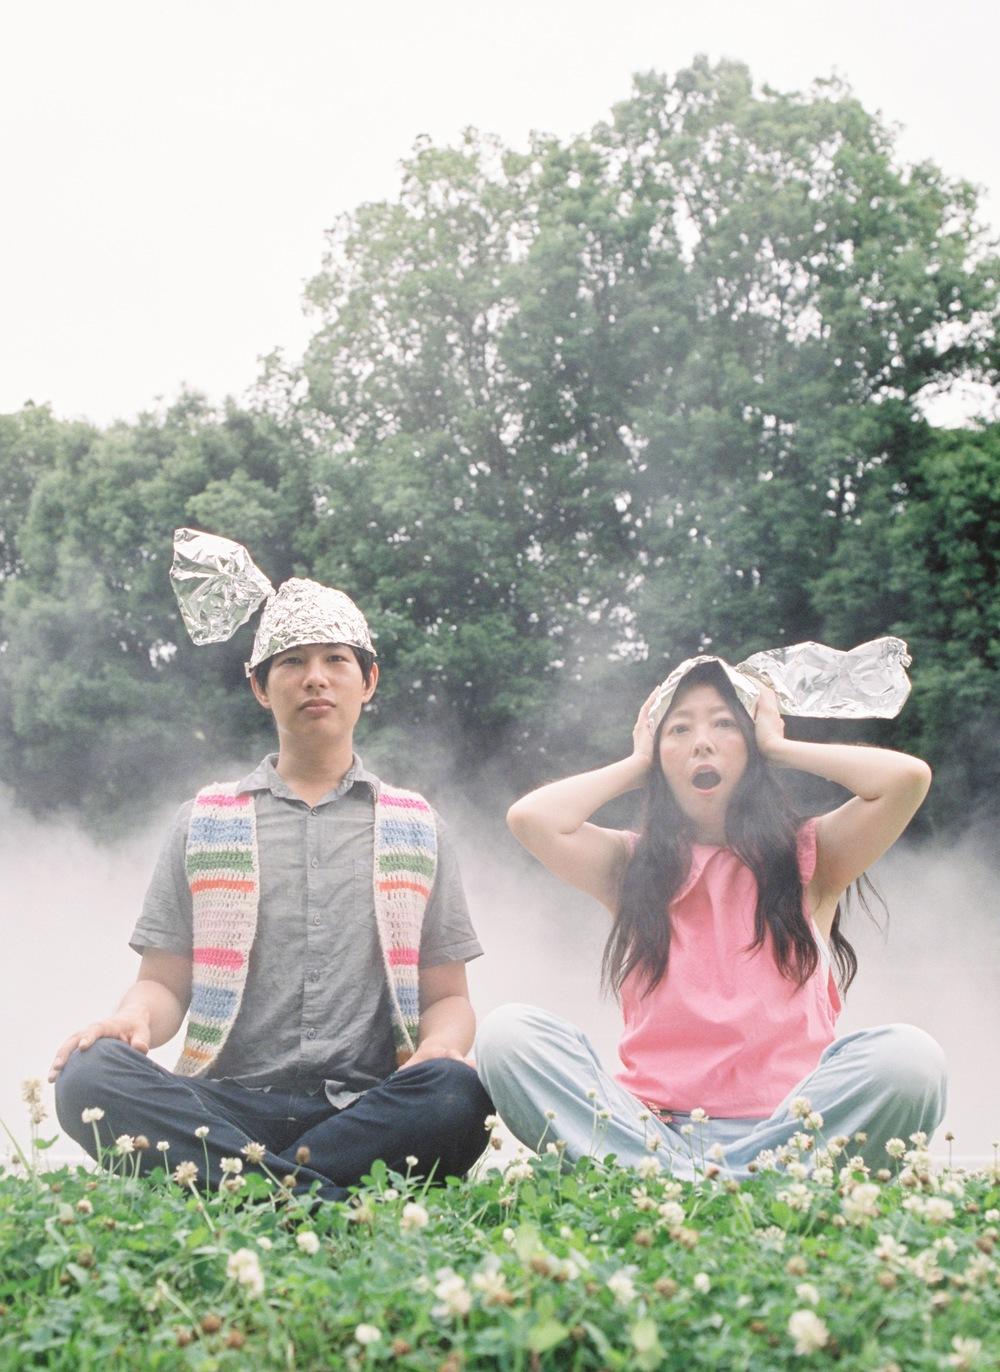 Dustin Wong   Takako Minekawa - Dustin Wong and Takako Minekawa by Hiromi Shinada - dustintakako23f.jpg